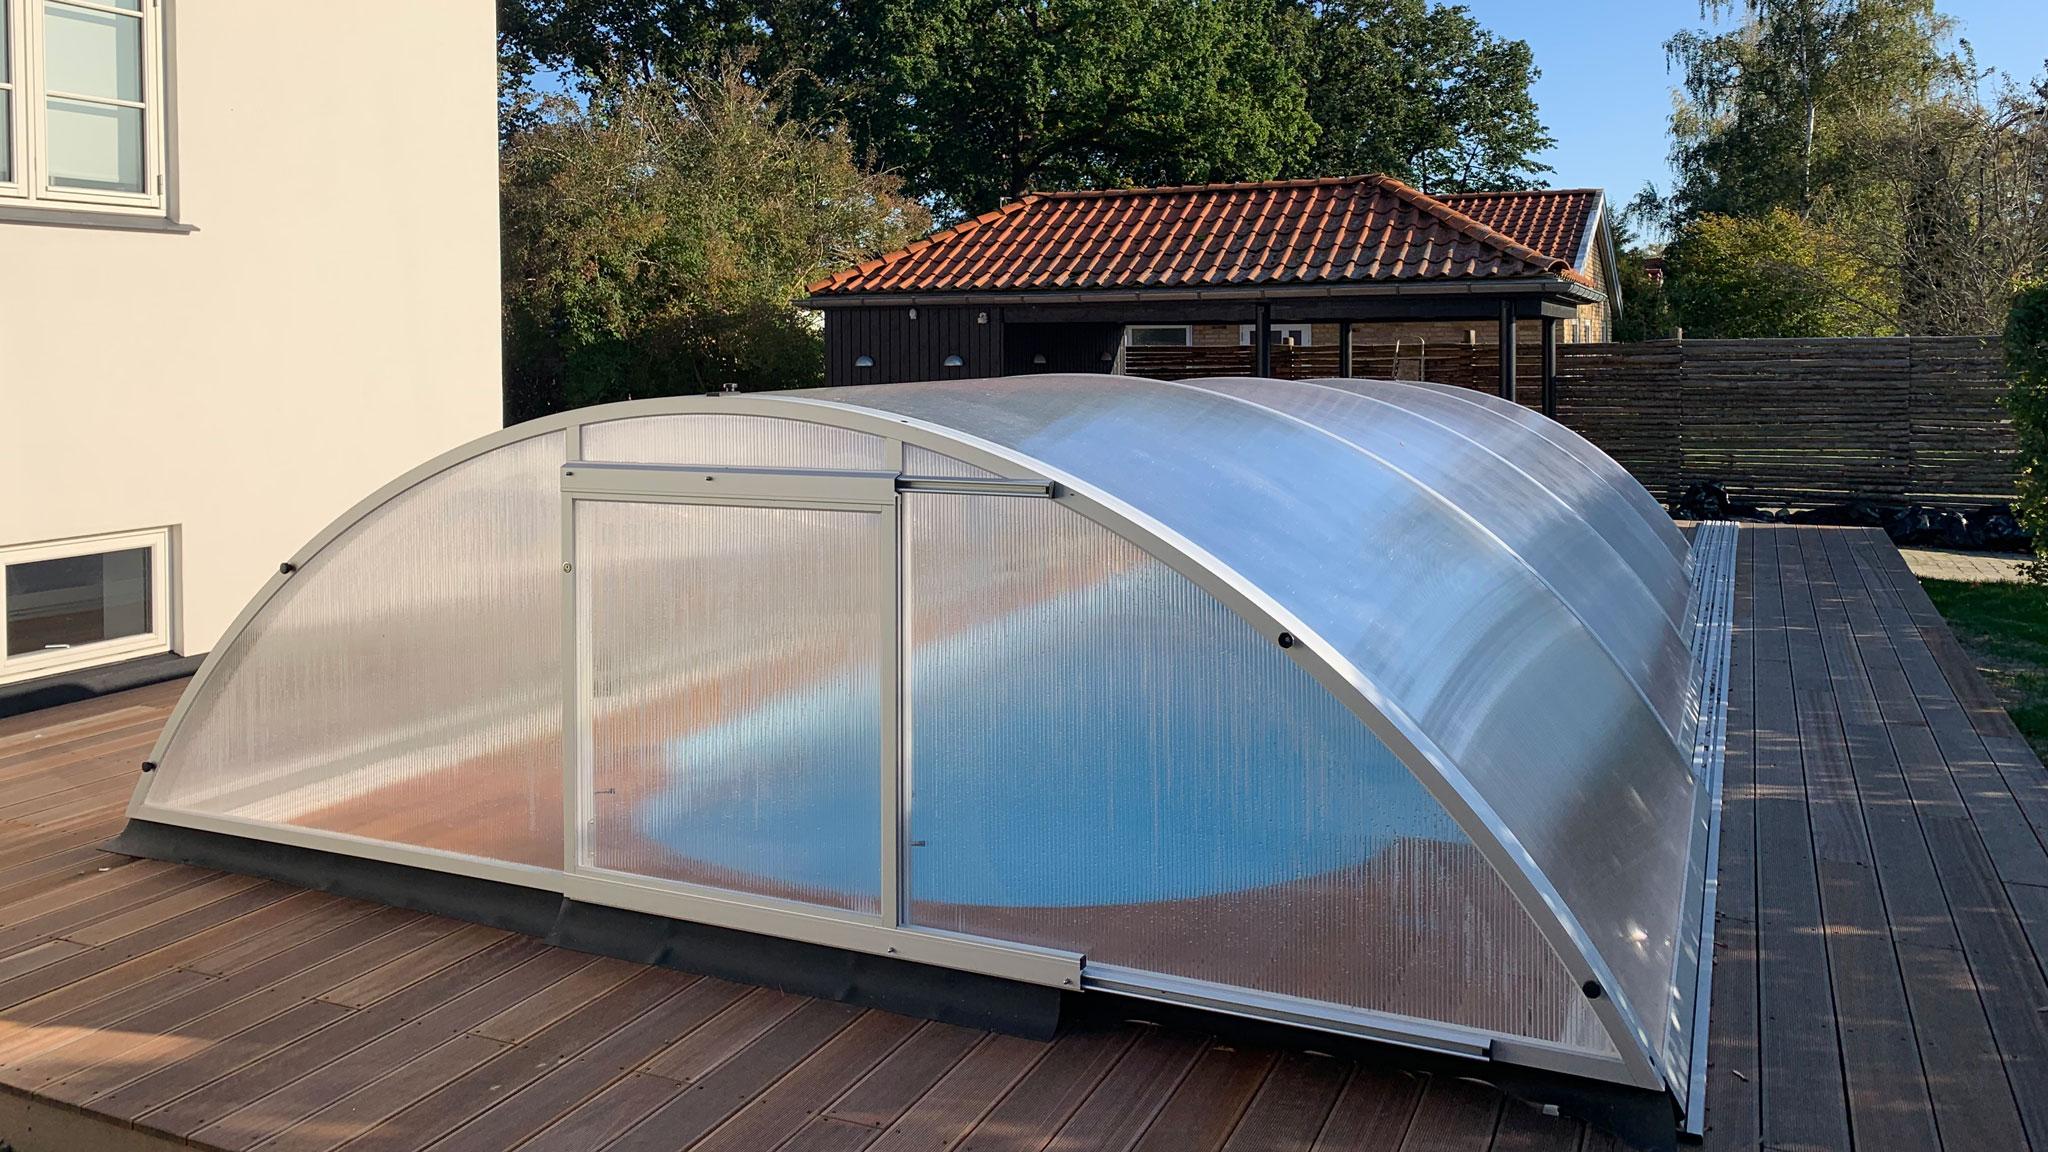 Overdækning med pooltag til glasfiber pool